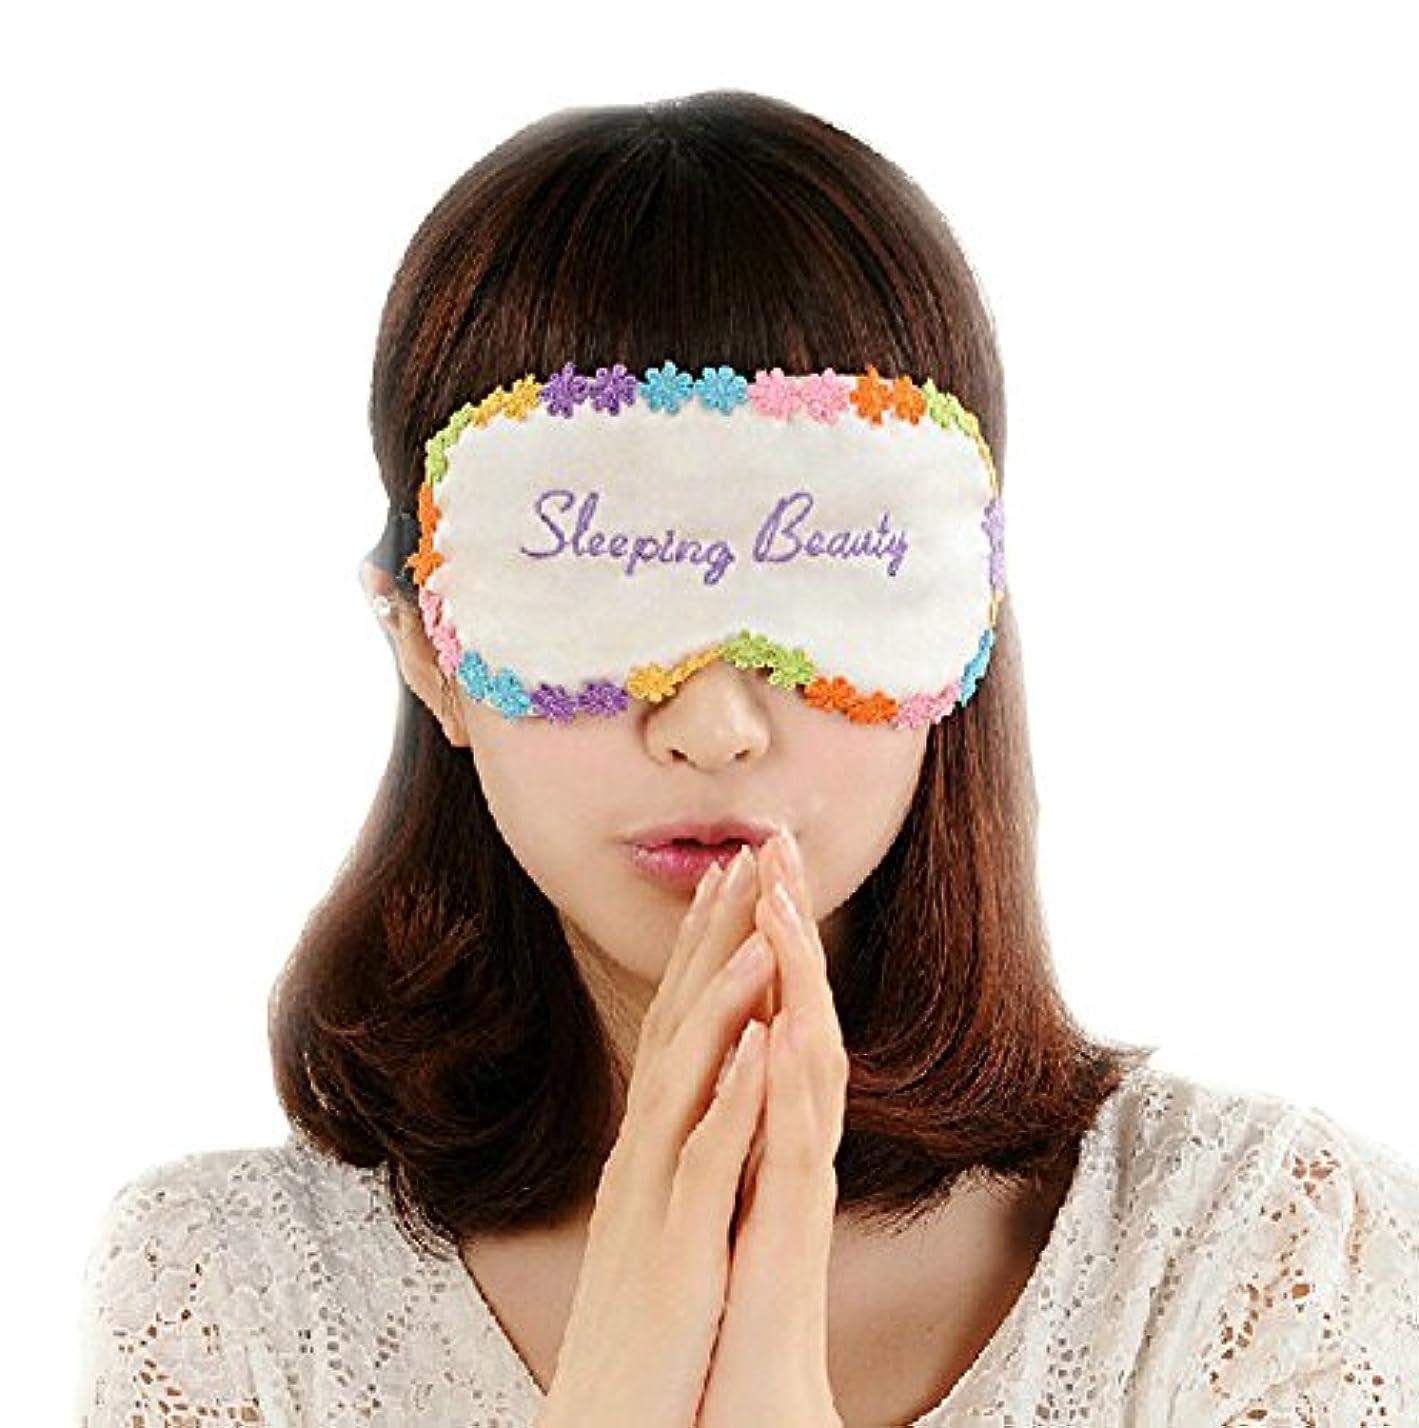 気晴らしソート鬼ごっこダブルサイドシルクアイシェッド睡眠アイマスク美しいソフトアイマスク